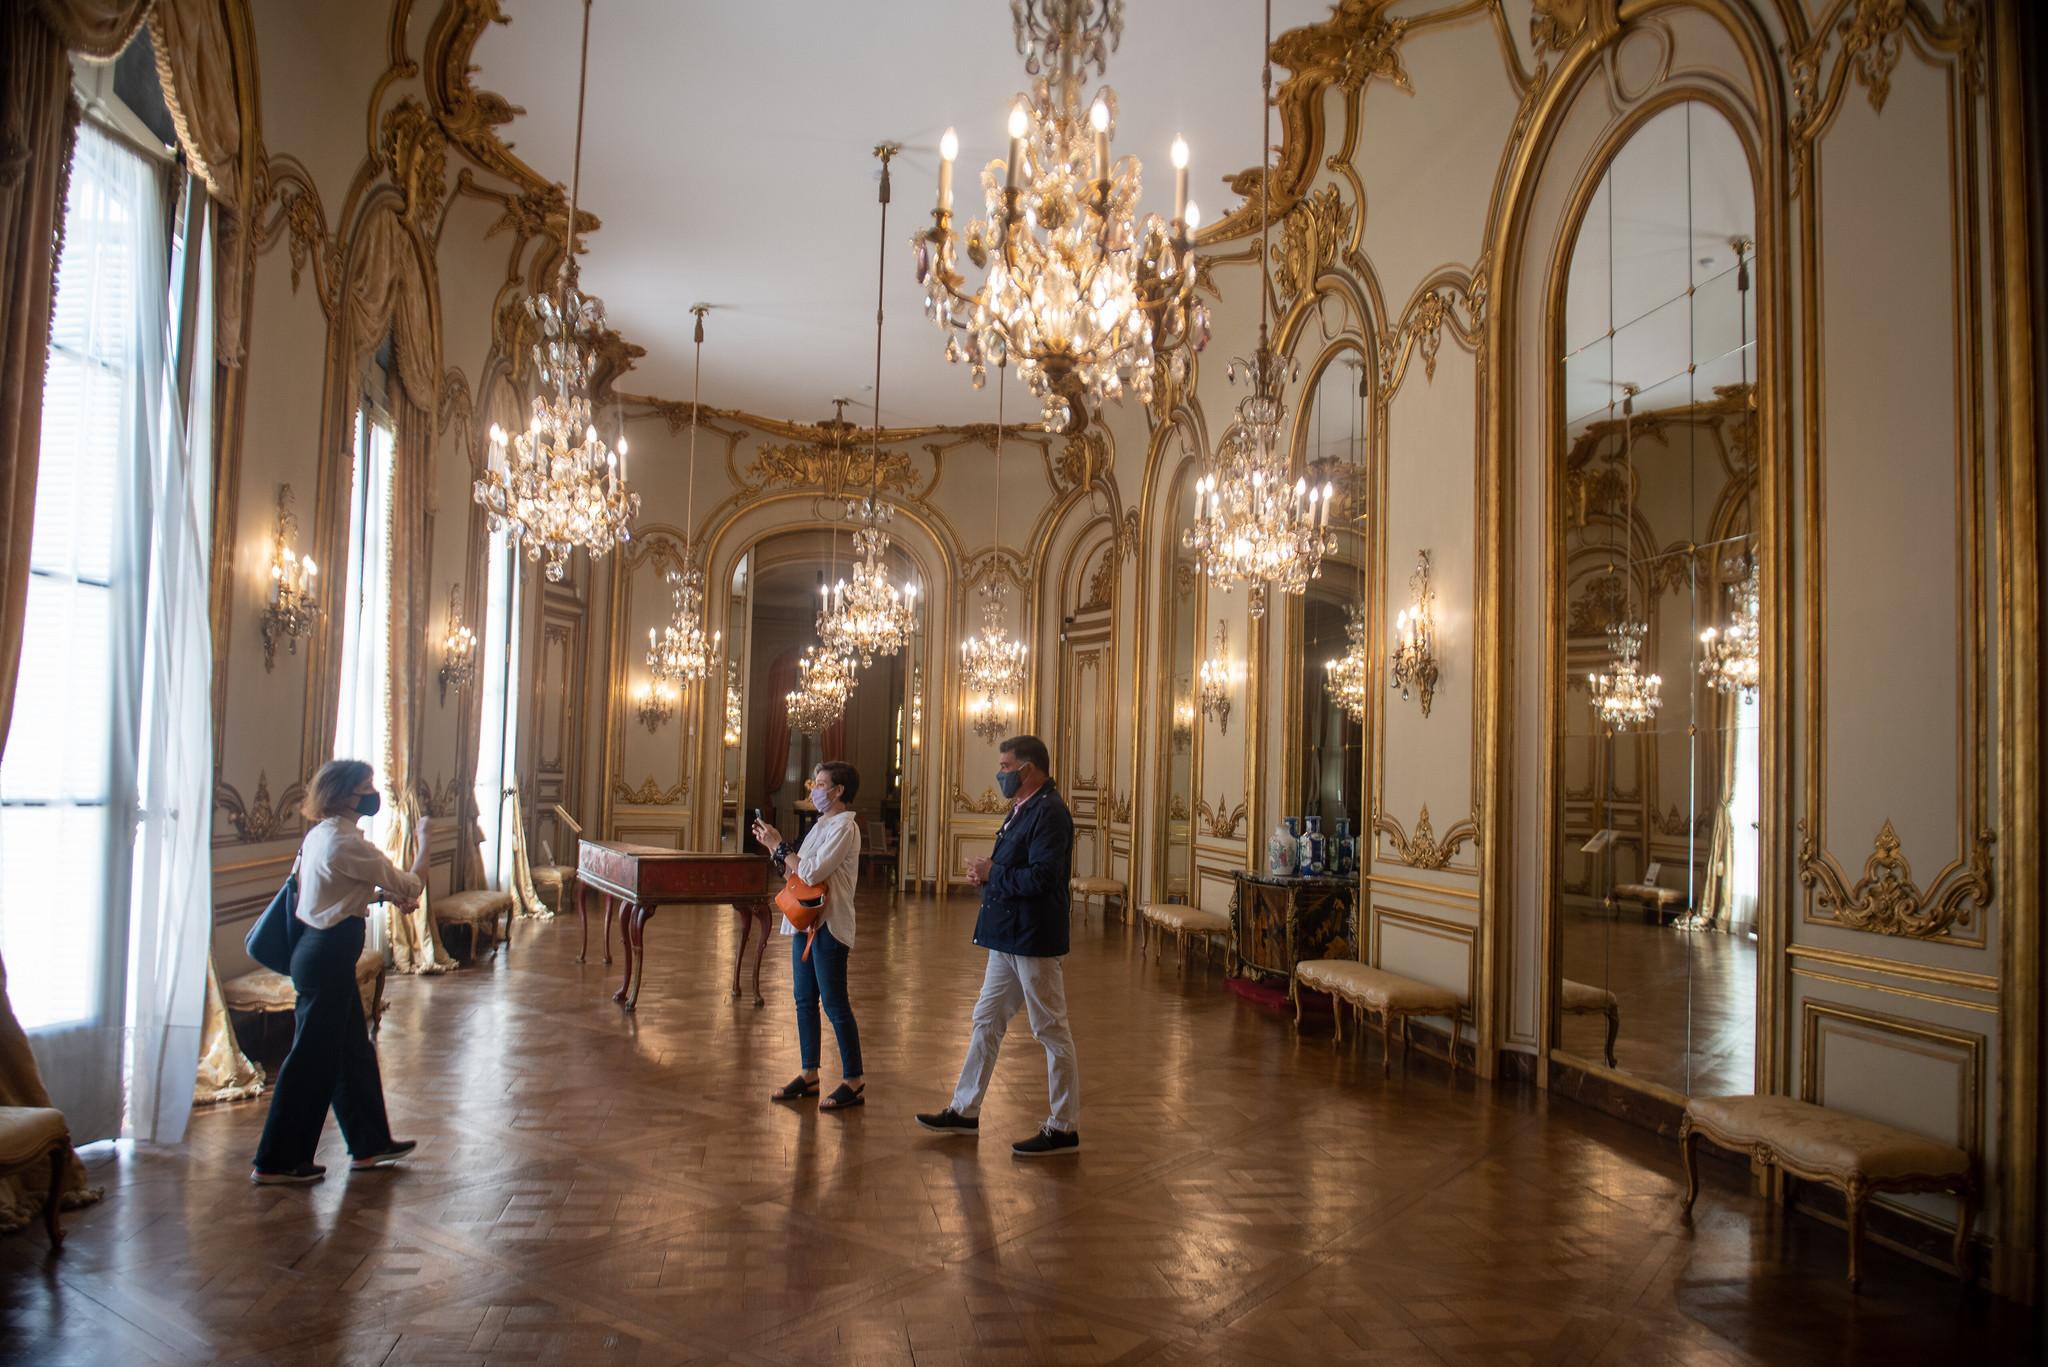 El Museo de Arte Decorativo tiene la mayoría de sus salones abiertos al público, aunque hay algunos aforos que todavía permanecen cerrados (Ministerio de Cultura)